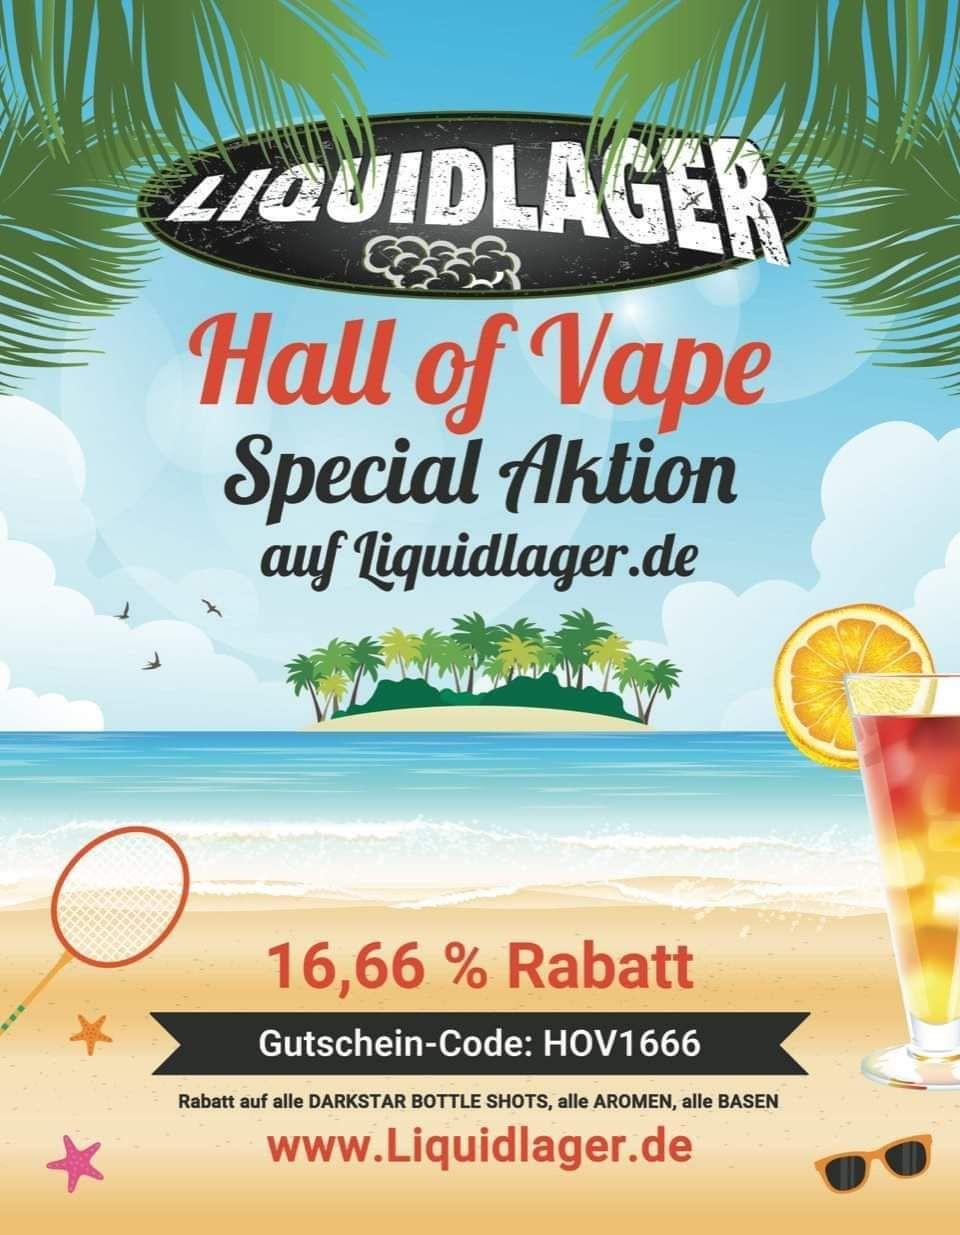 [liquidlager.de] 16,66% Rabatt zur Hall of Vape